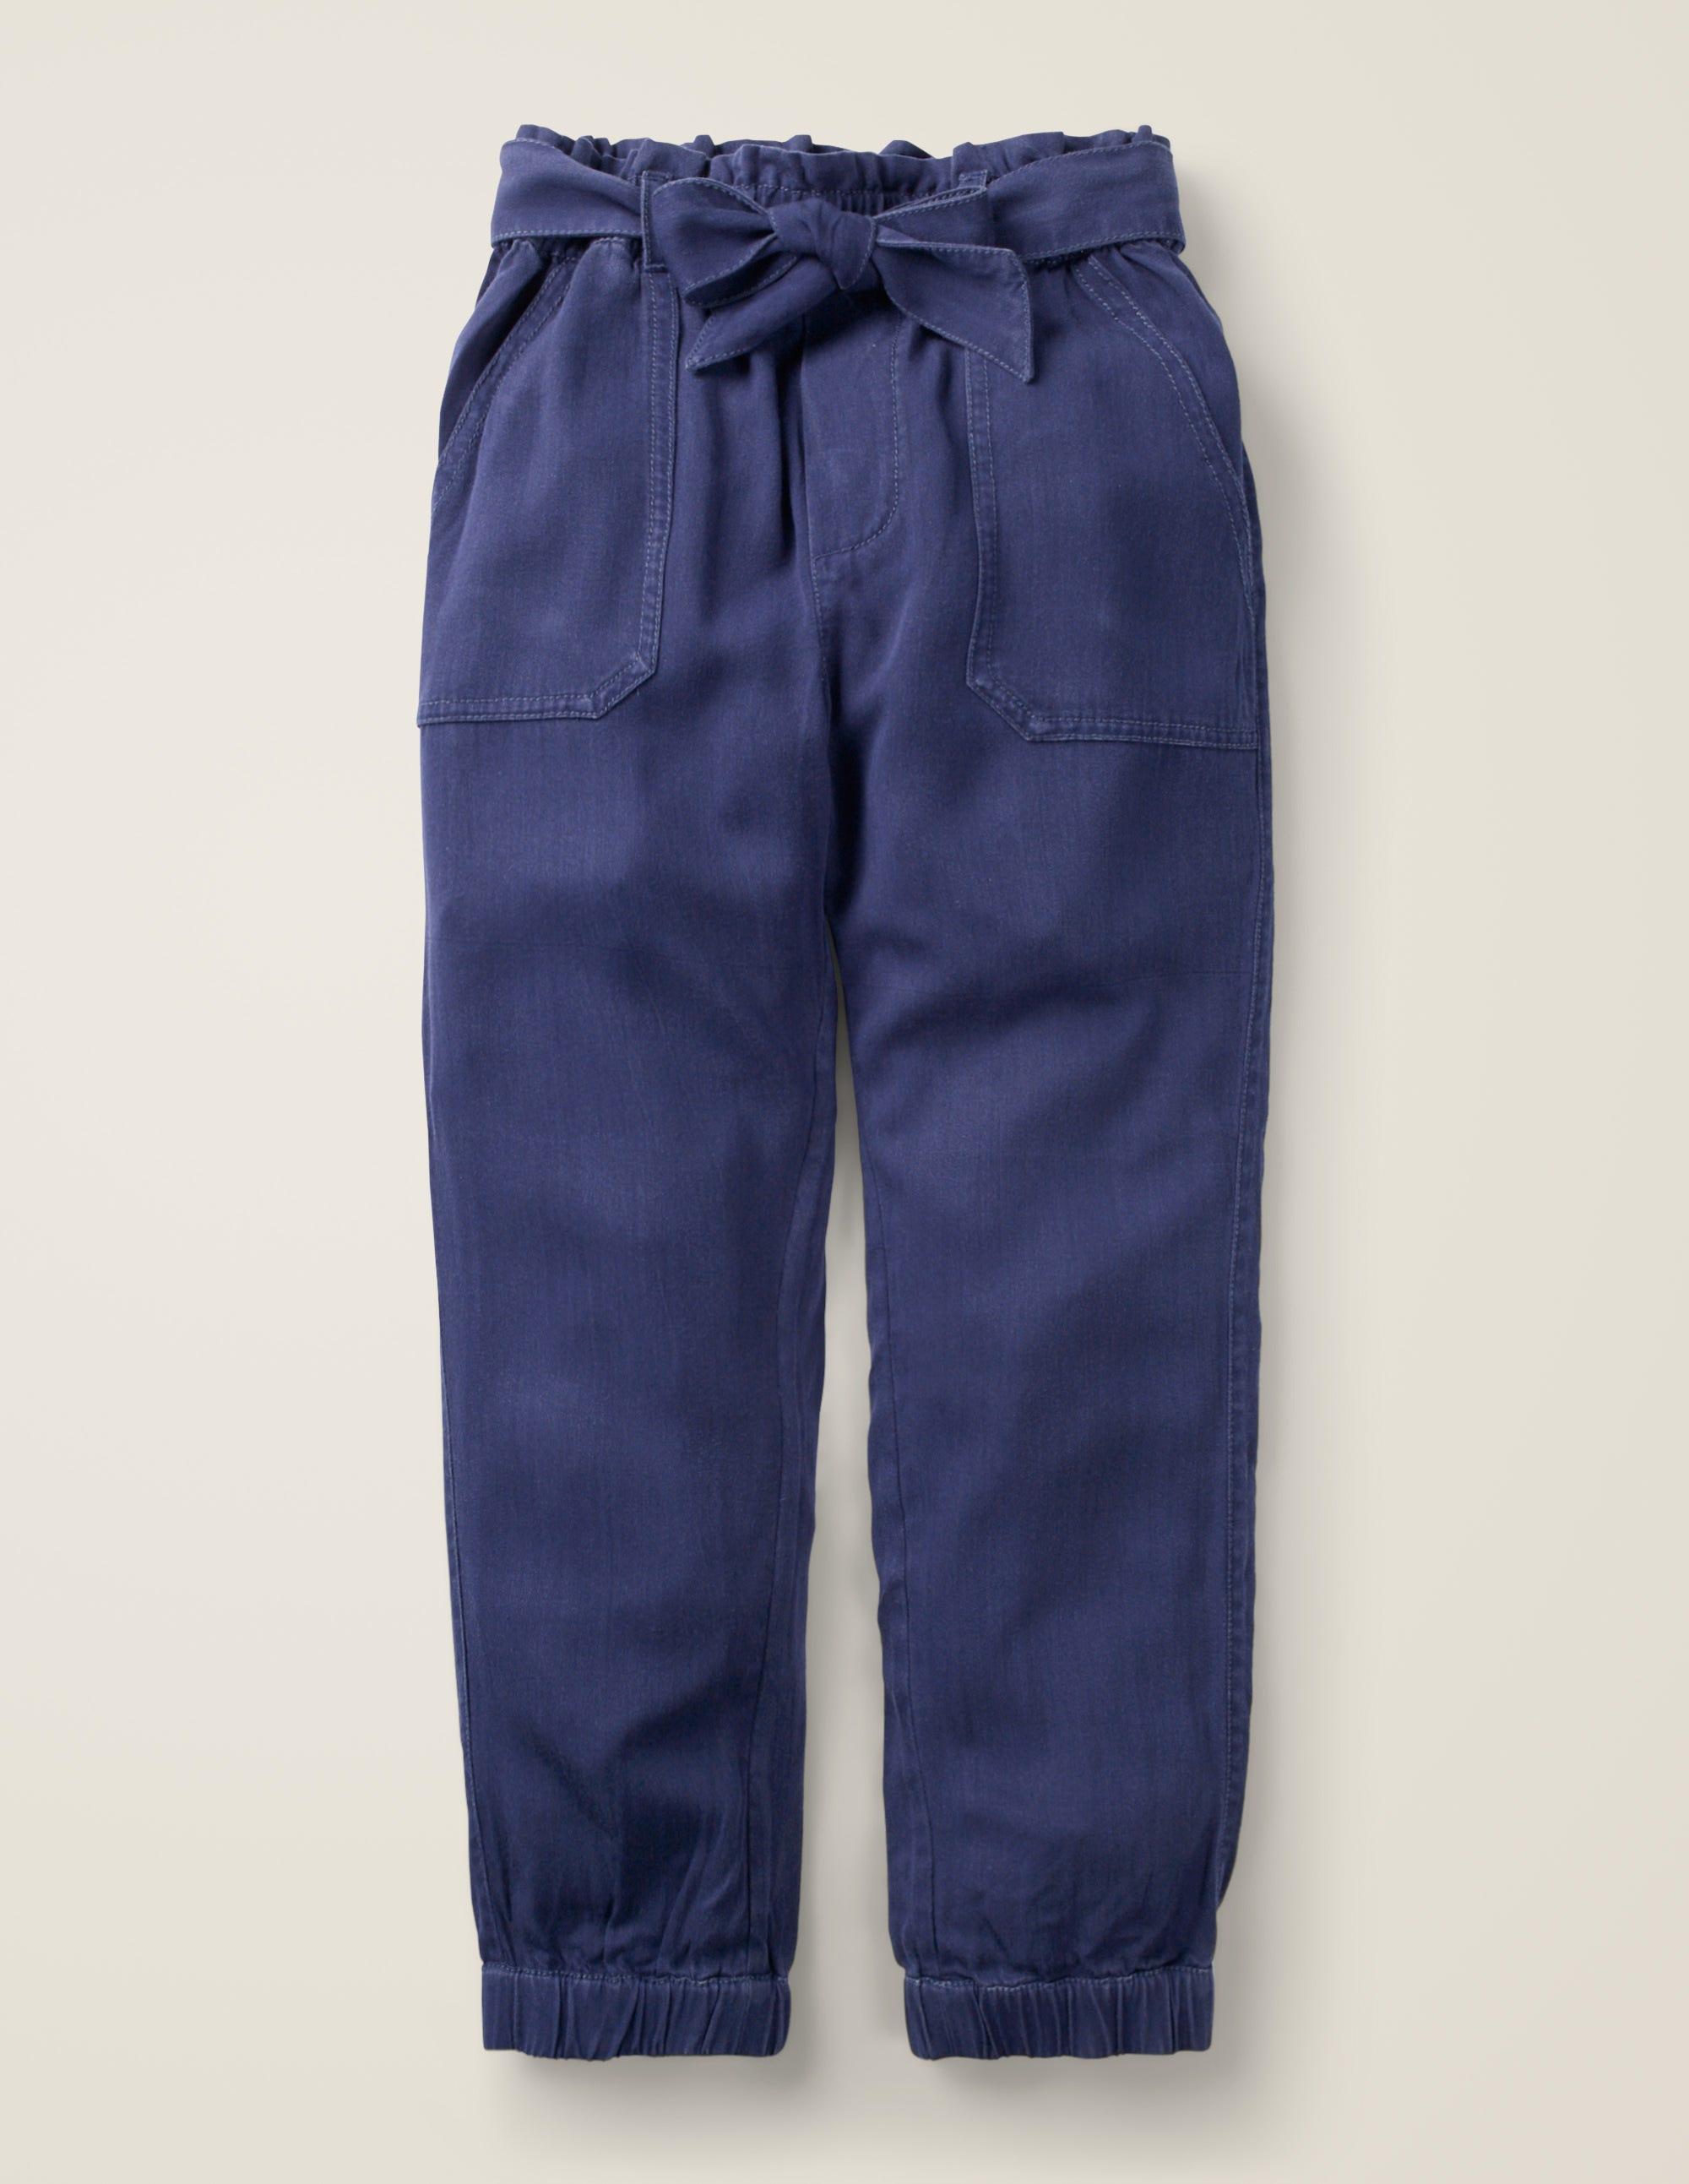 Boden Tie-waist Pants - College Navy